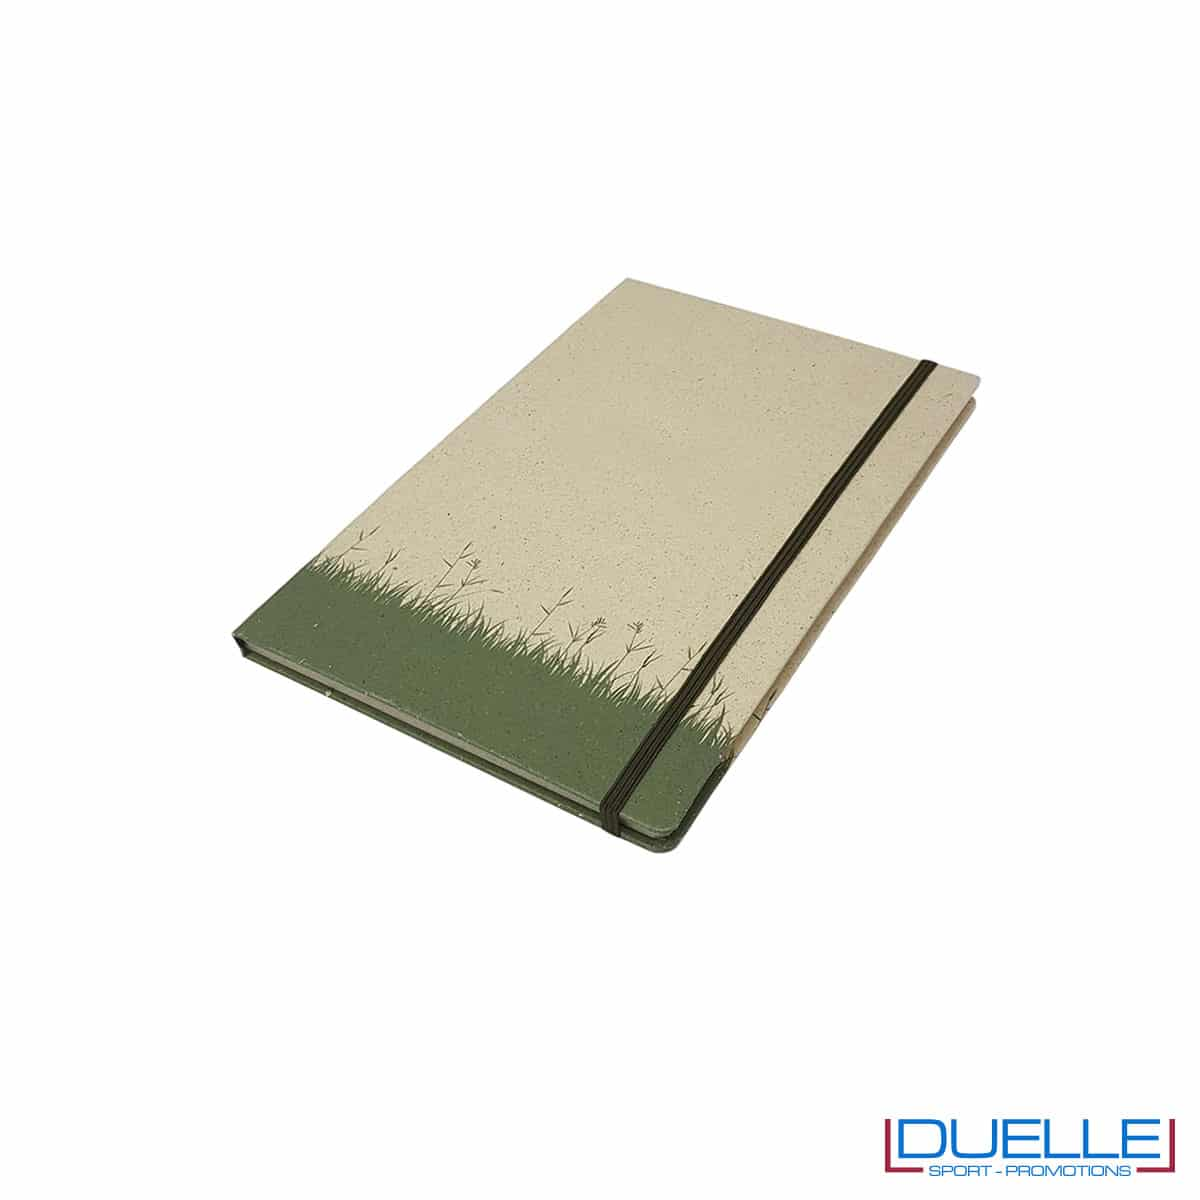 Blocco con elastico A6 in carta di erba essiccata e cellulosa personalizzato